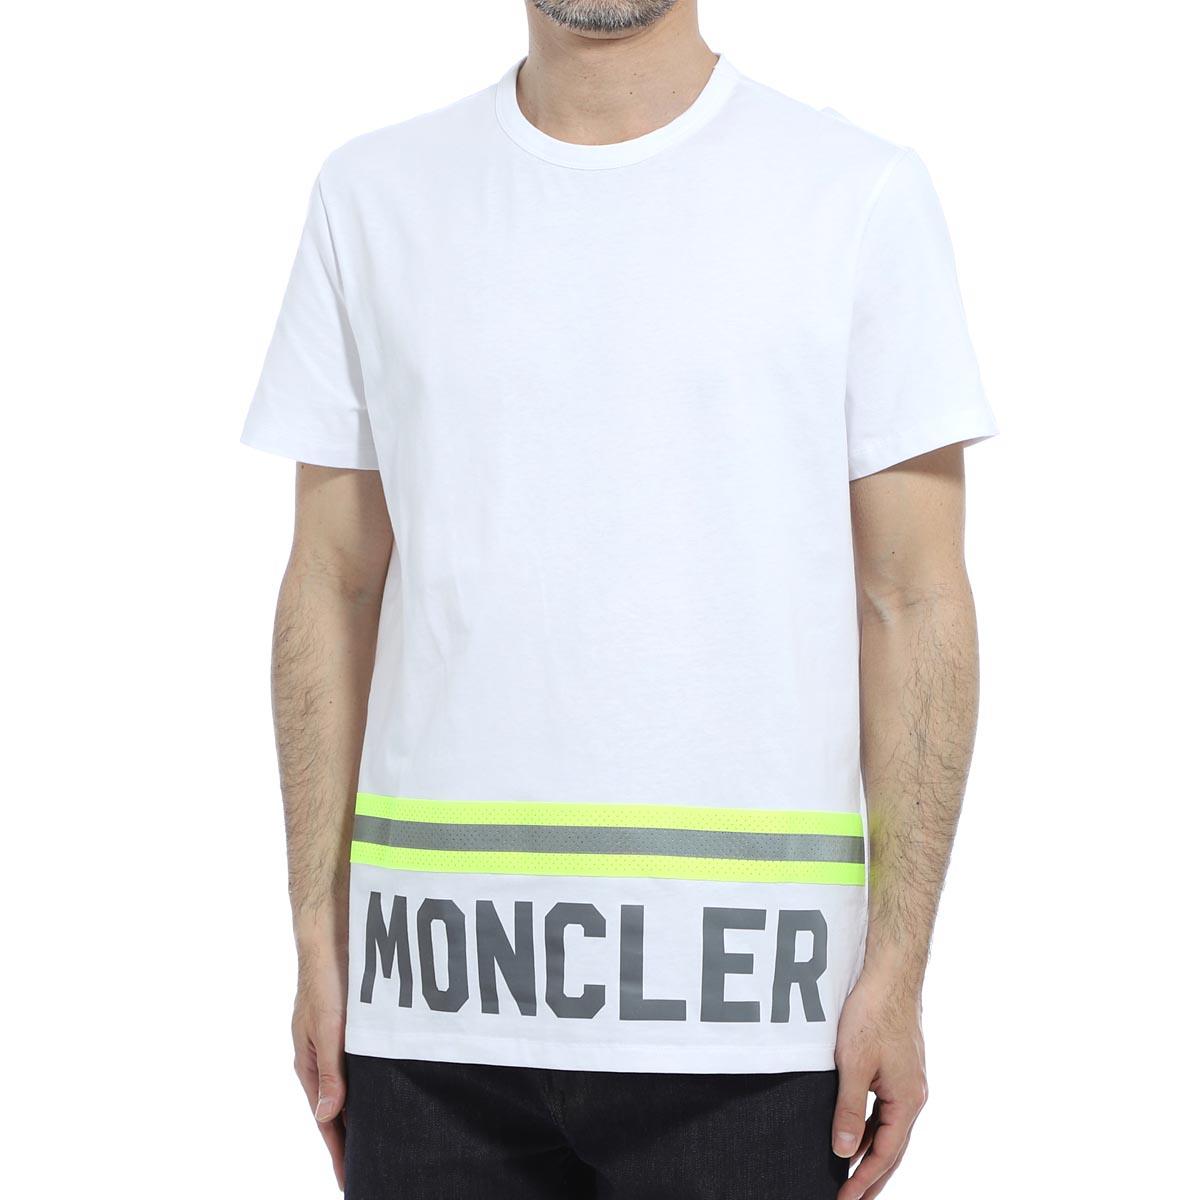 モンクレール MONCLER クルーネックTシャツ ホワイト メンズ 8c73920 8390t 001【あす楽対応_関東】【返品送料無料】【ラッピング無料】